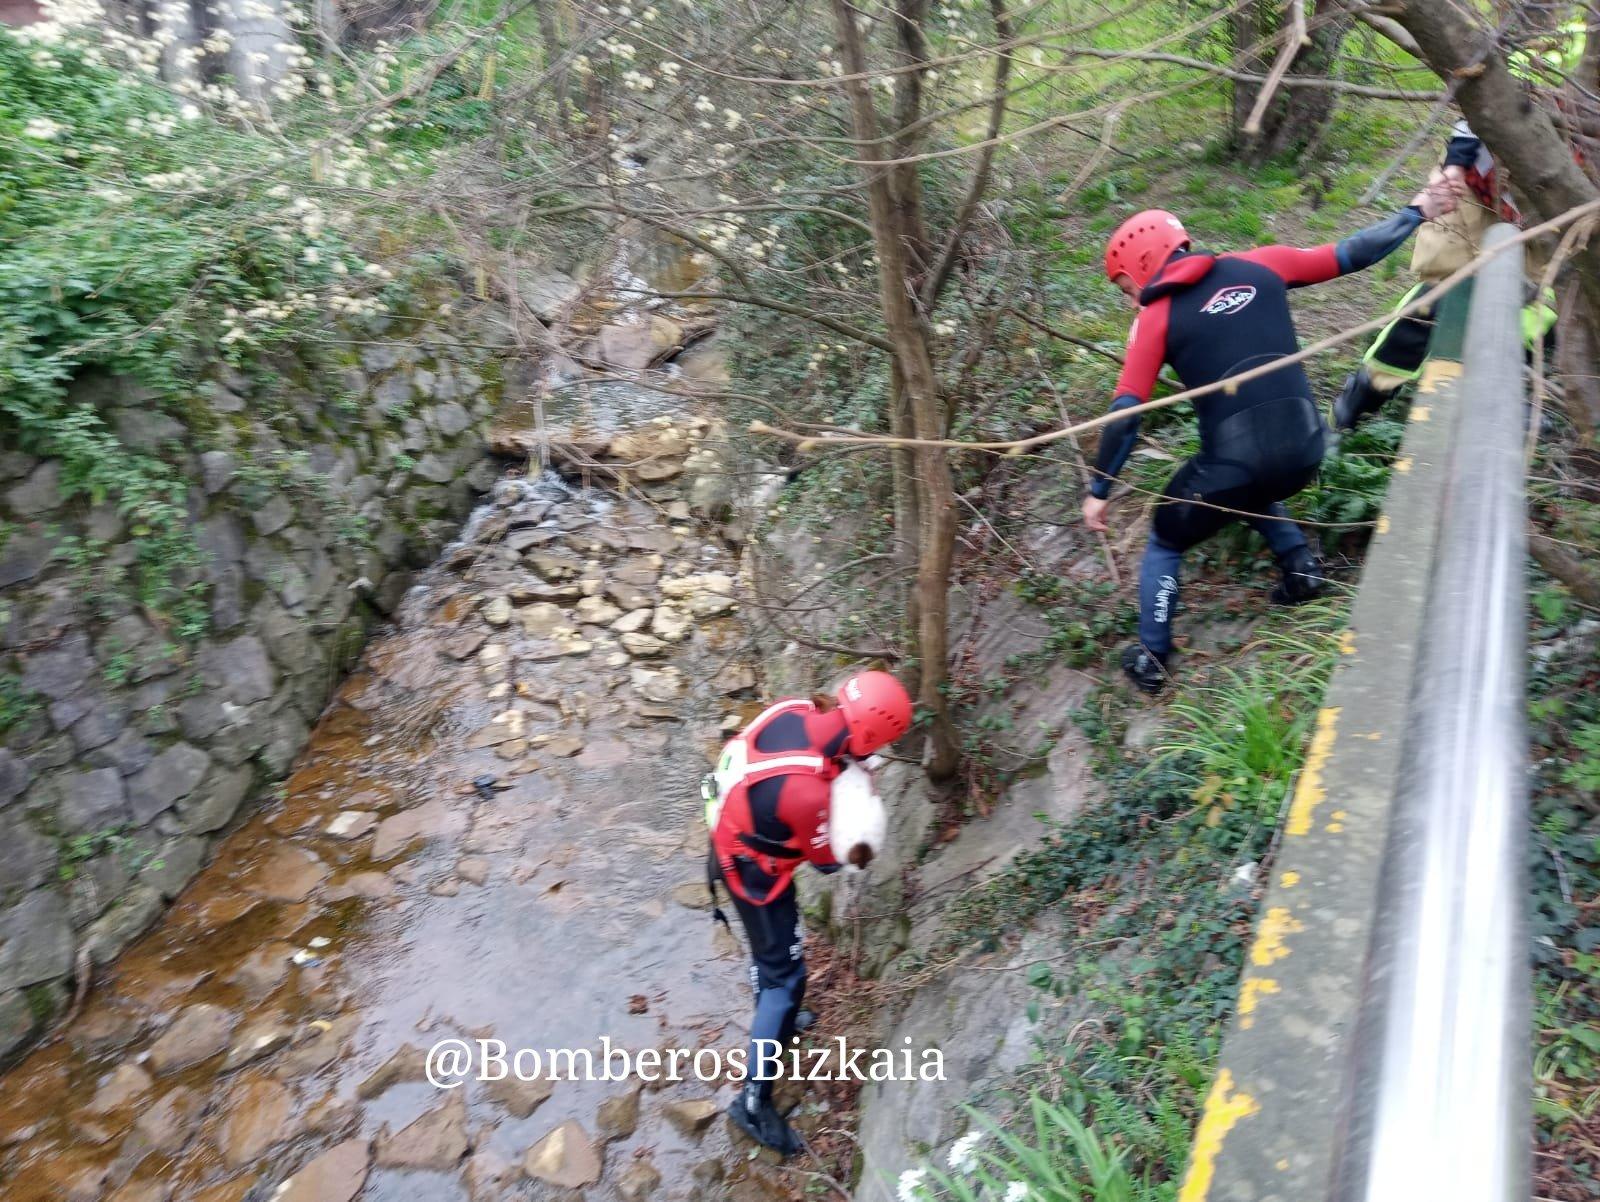 [dotb.eus] Los bomberos rescatan un perro caído en un río en Matiena